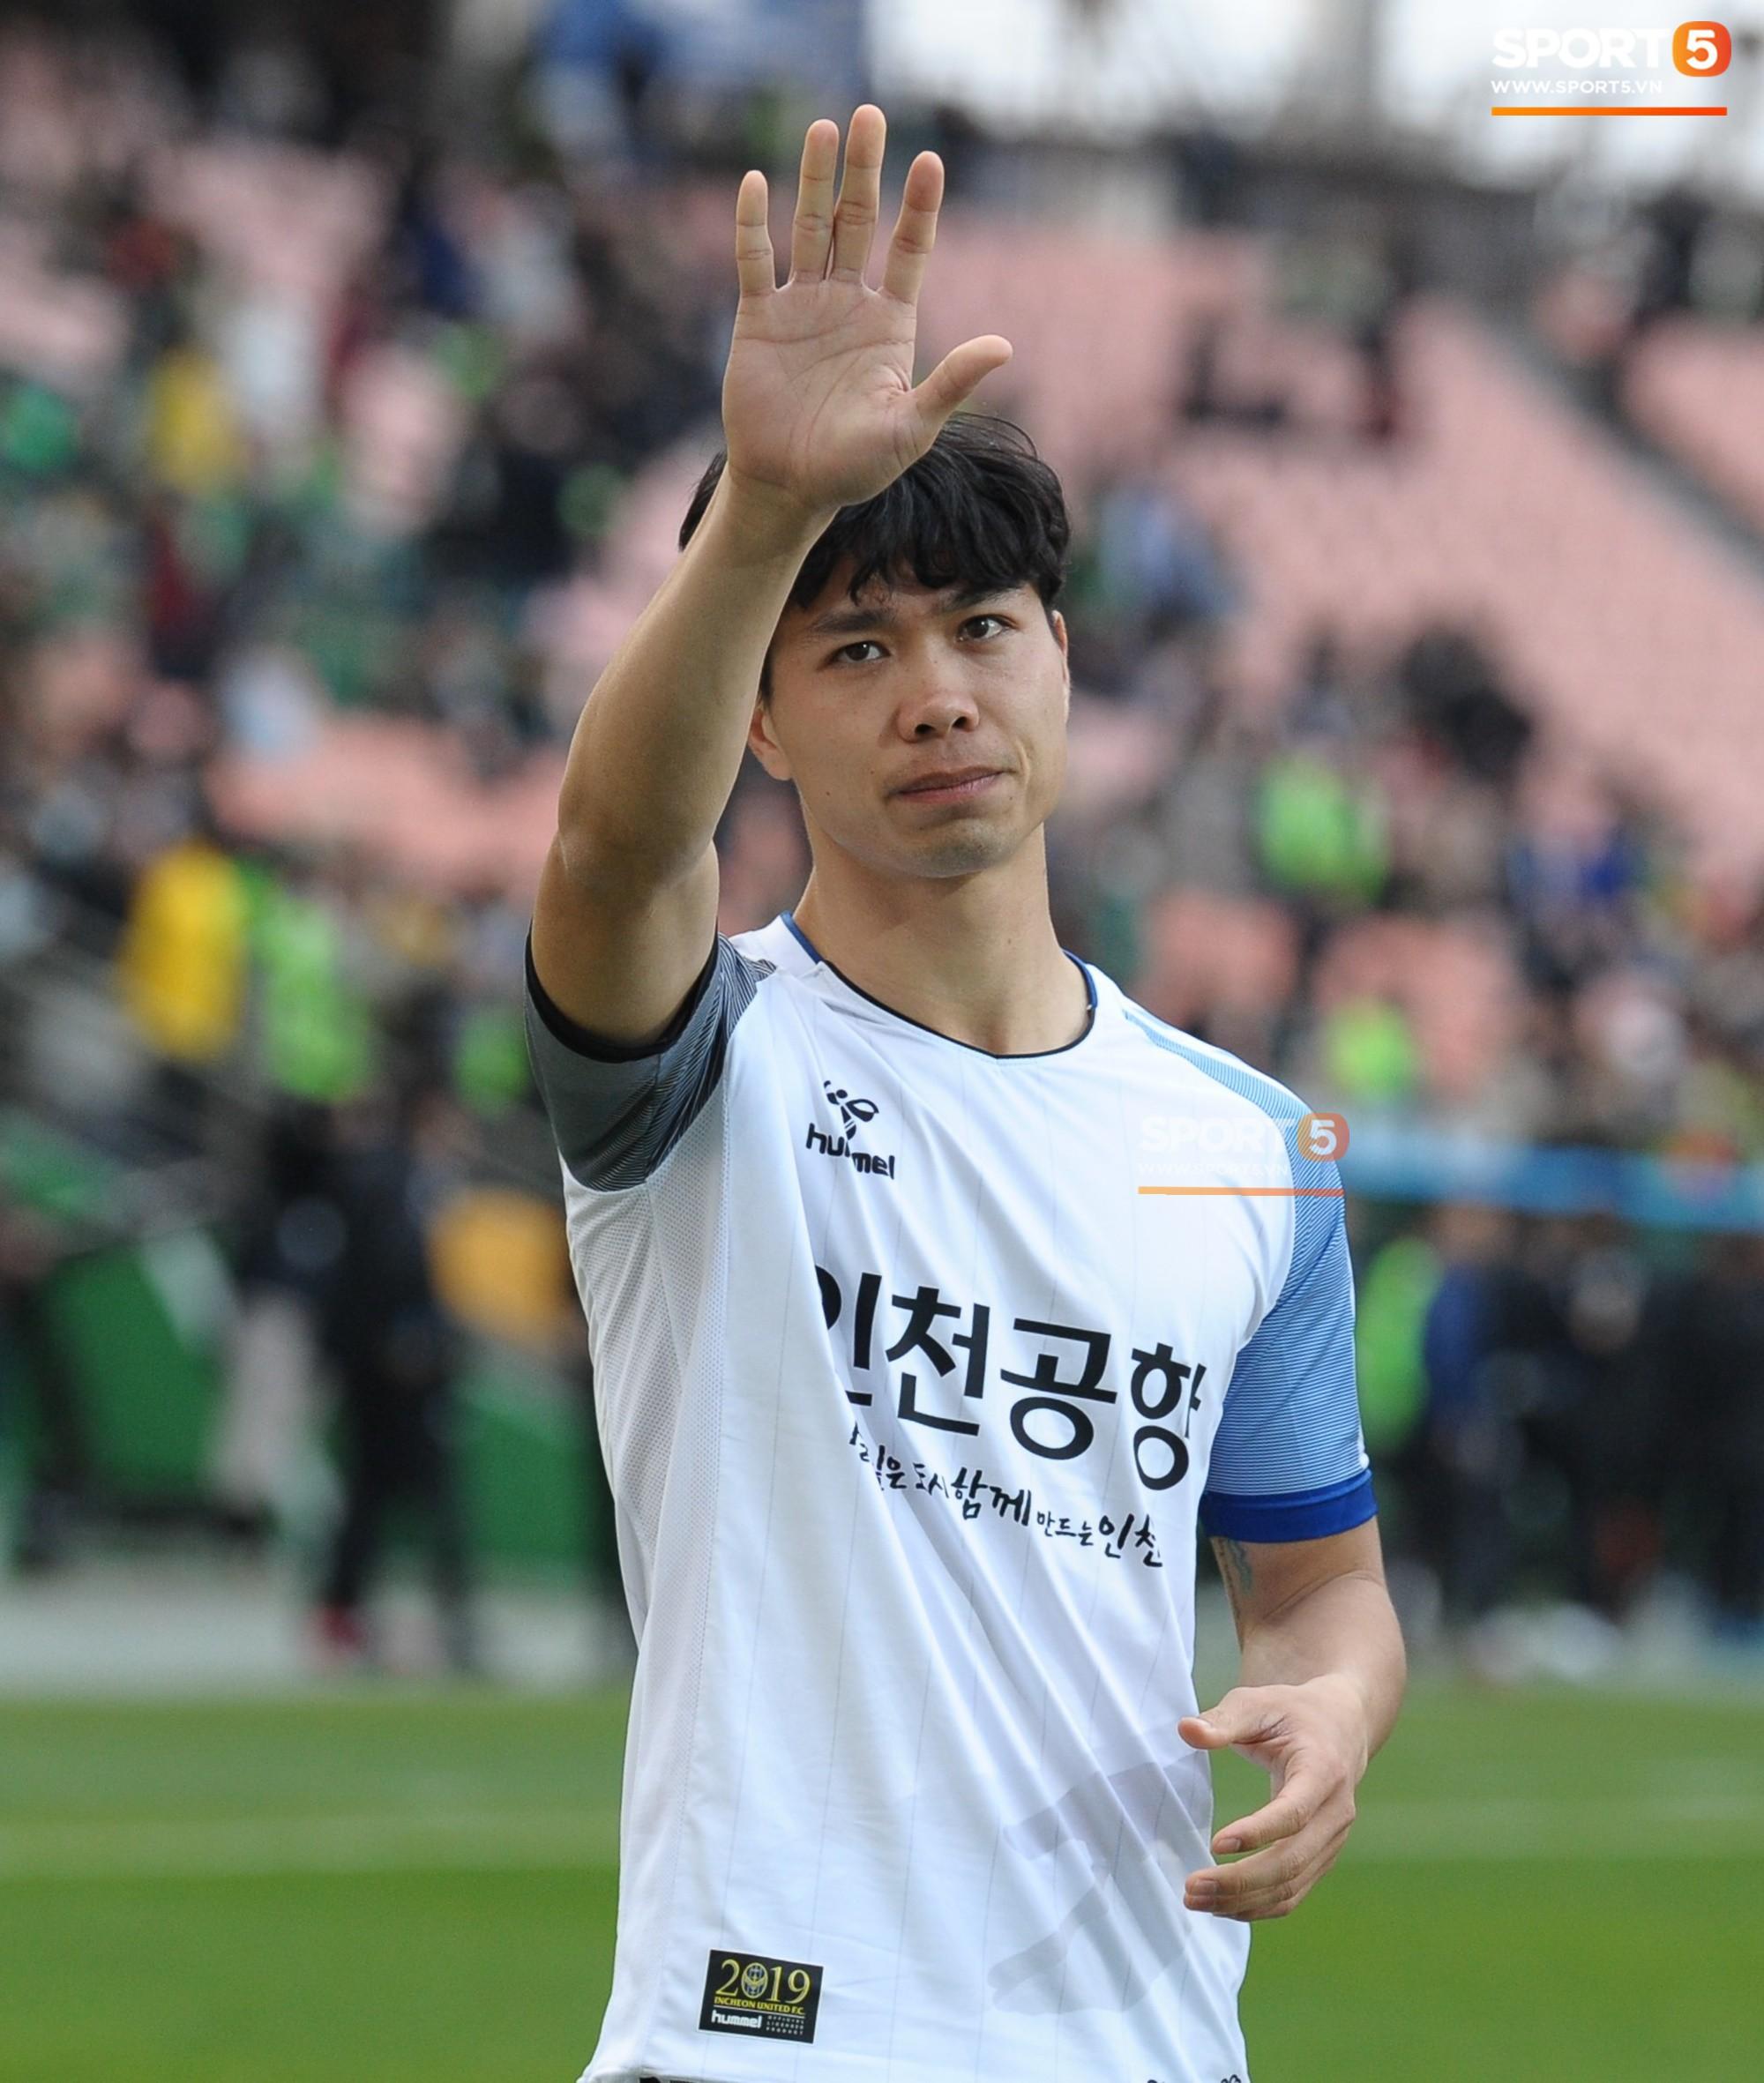 Rời Hàn Quốc, fan Việt chúc Công Phượng sẽ thành công như Son Heung-min - Ảnh 1.